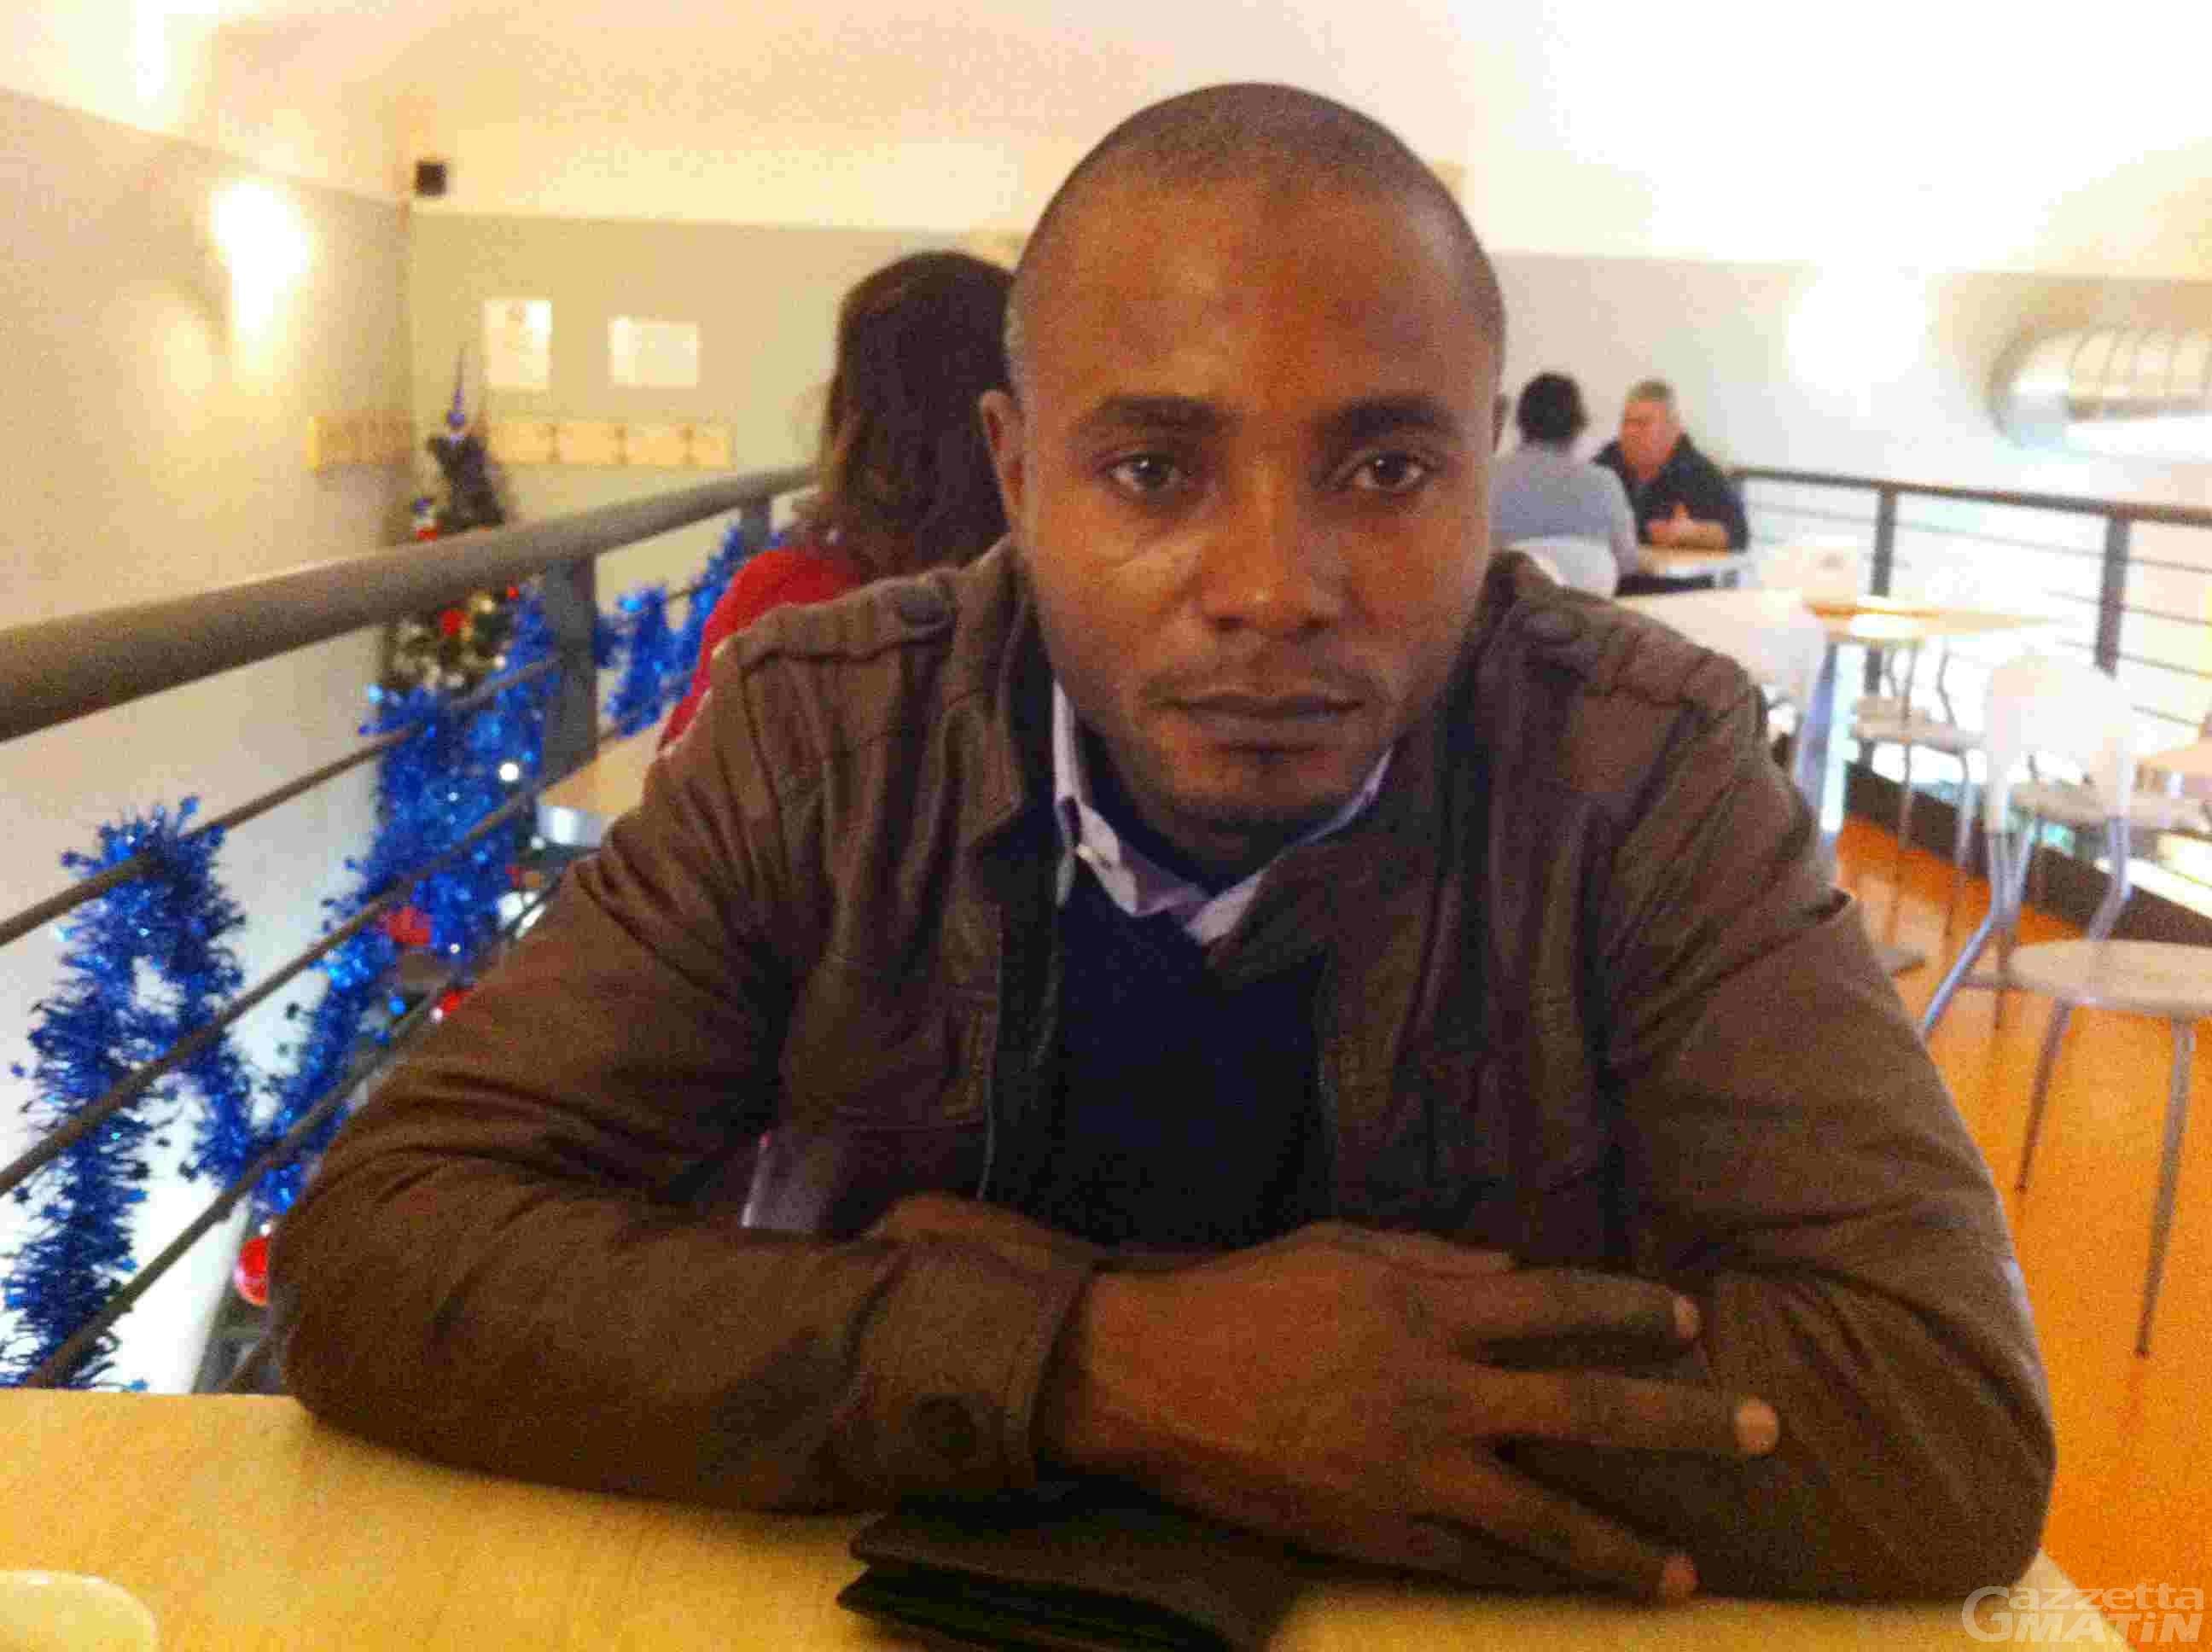 Immigrazione: la storia di Nbongo